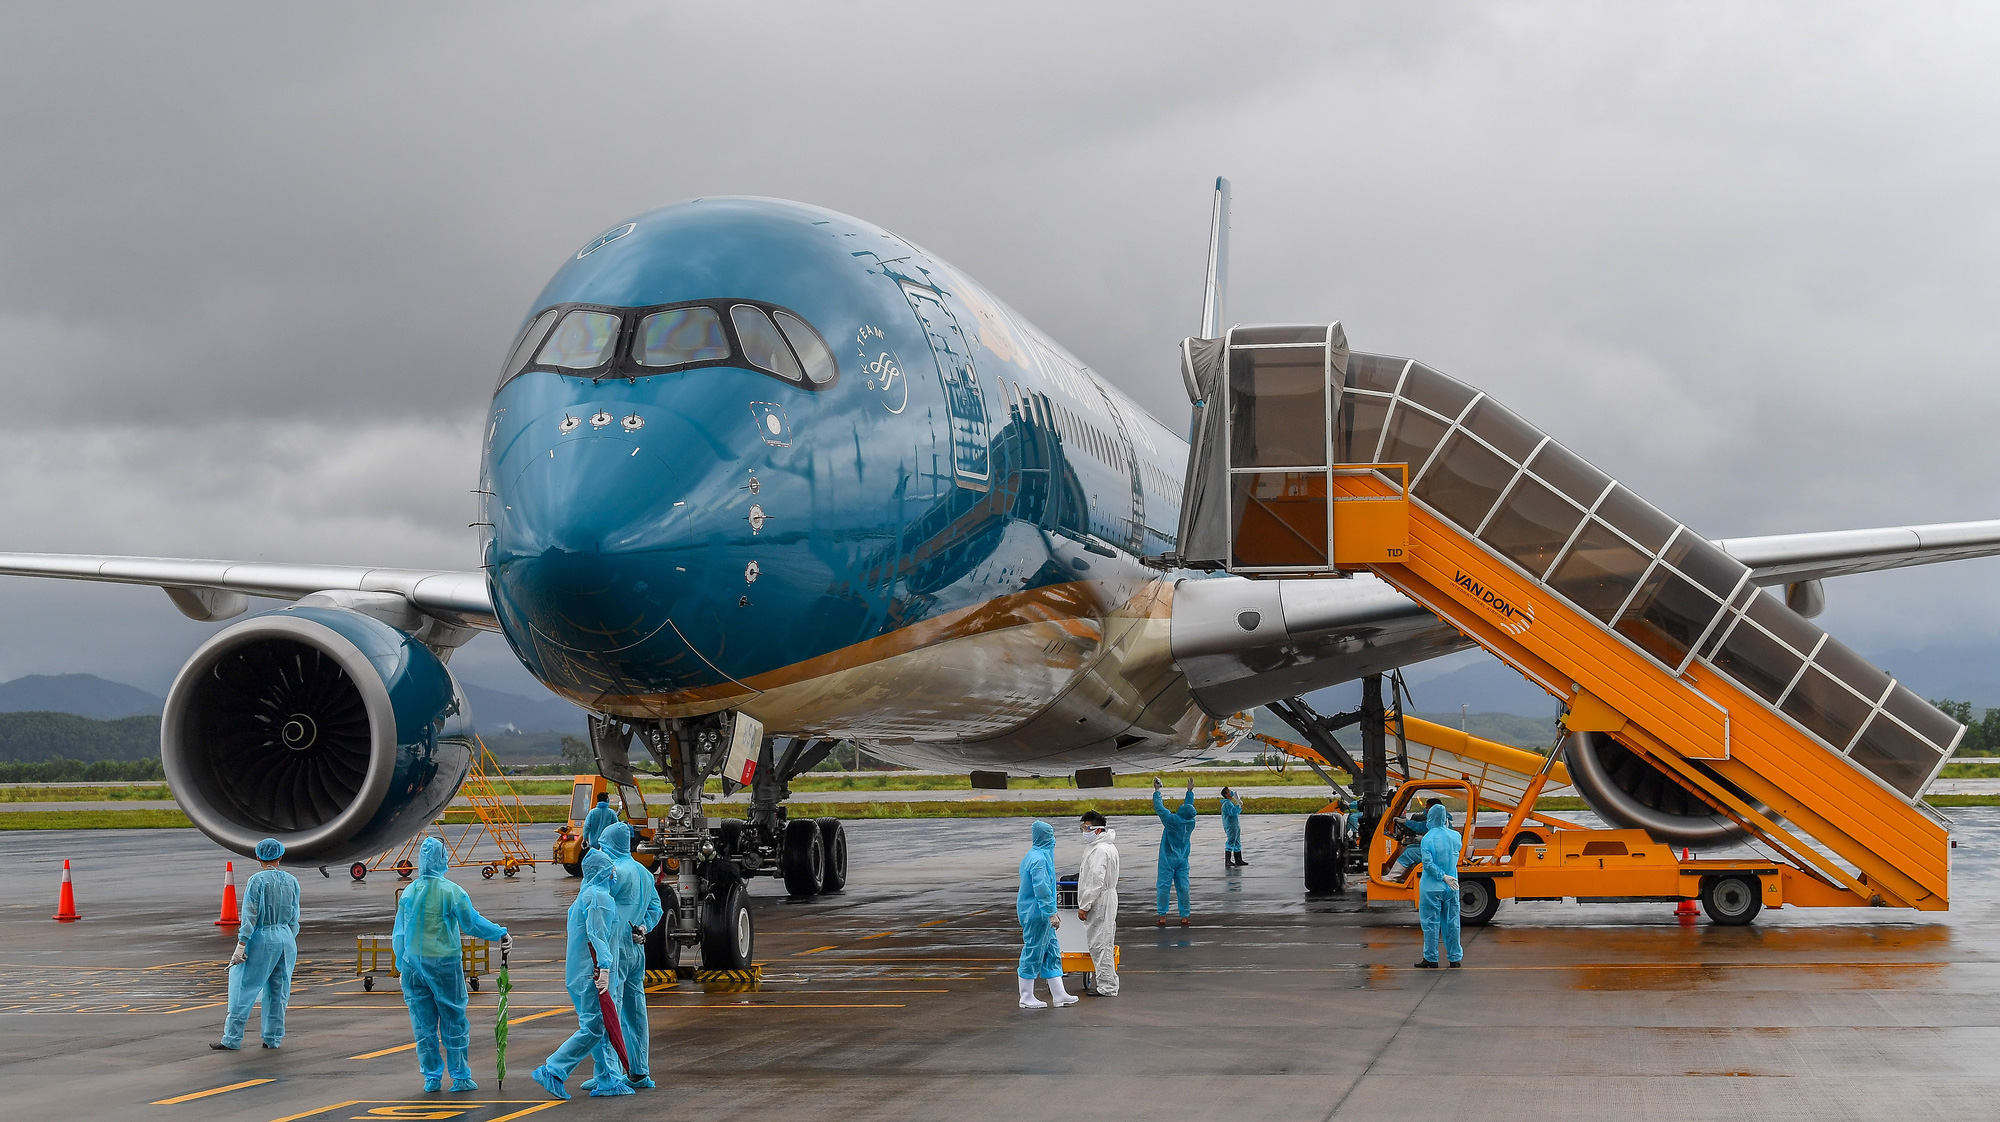 Sân bay Vân Đồn đón 278 công dân Việt Nam từ châu Âu về nước - Ảnh 1.